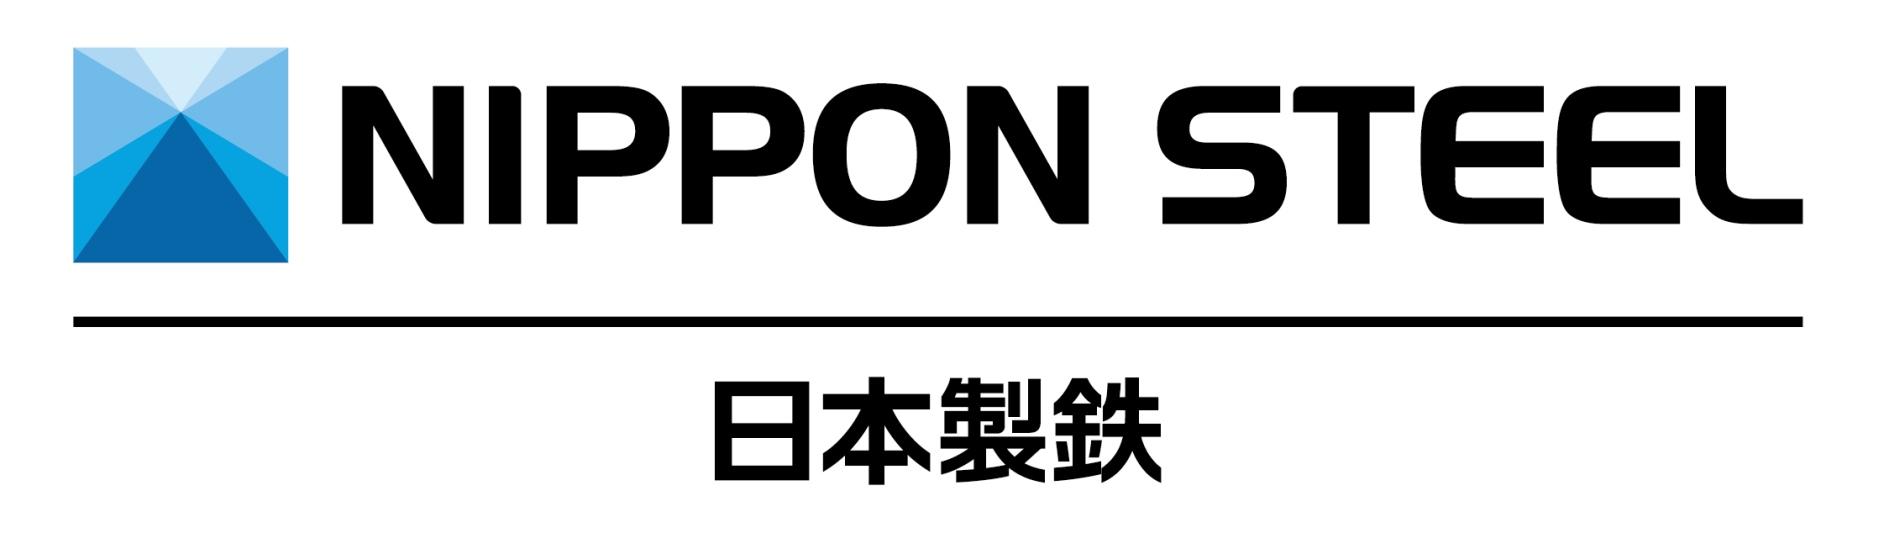 日本製鉄 認定NPO法人 green bird へ協賛 ~『第1回ごみ拾い活動』を5月11日に原宿・ 表参道にて共同開催~